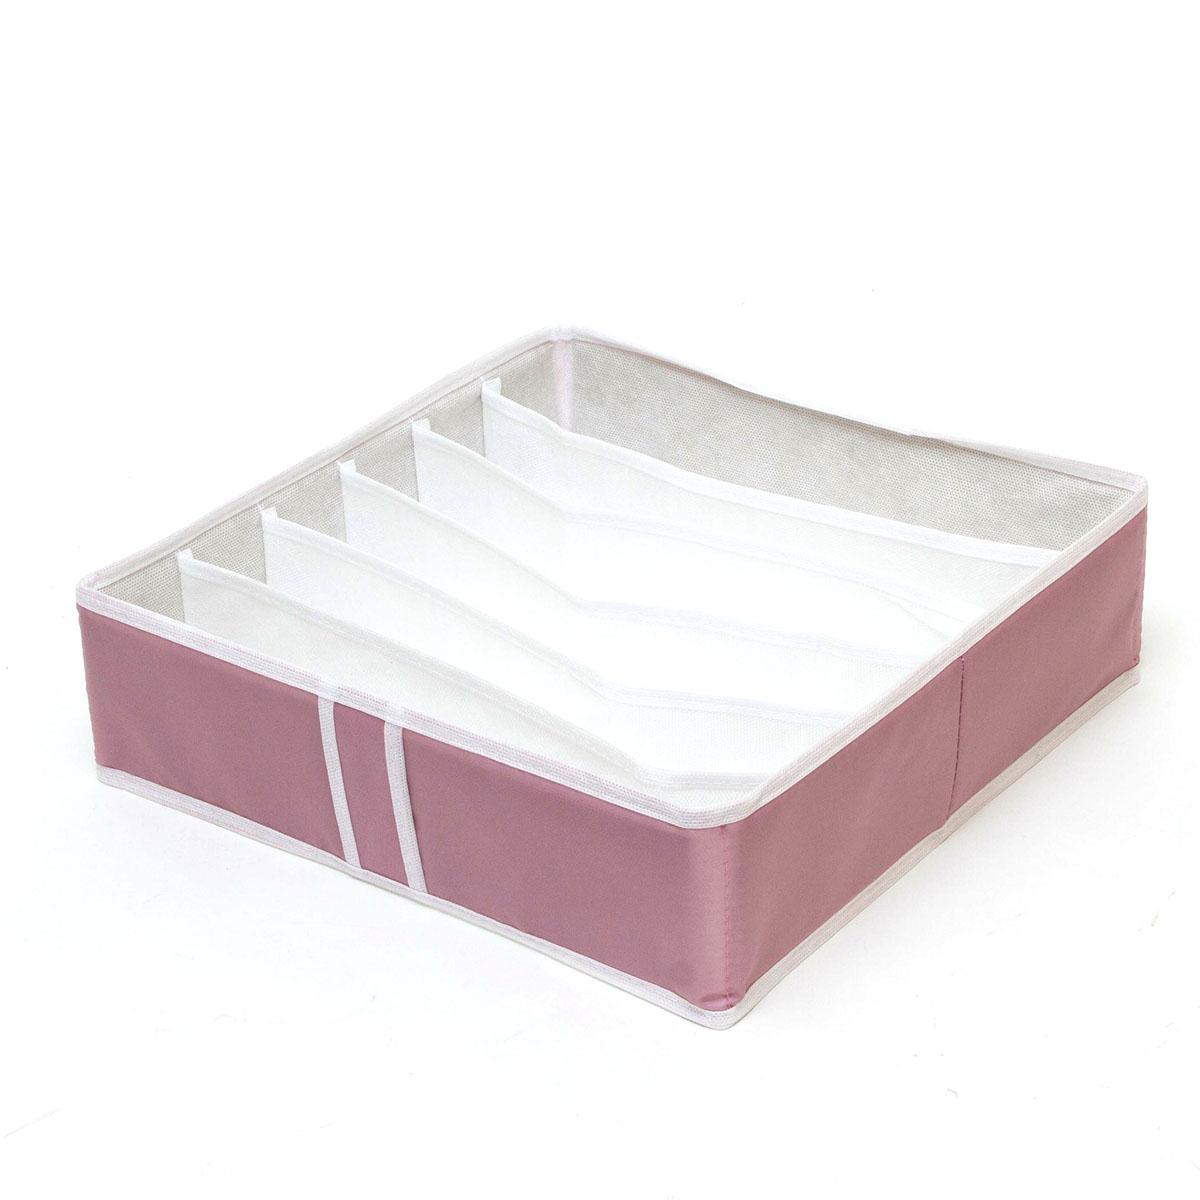 Органайзер для хранения Homsu Capri, 6 секций, 35 x 35 x 10 смHOM-34Компактный органайзер Homsu Capri изготовлен из высококачественного полиэстера, который обеспечивает естественную вентиляцию. Материал позволяет воздуху свободно проникать внутрь, но не пропускает пыль. Органайзер отлично держит форму, благодаря вставкам из плотного картона. Изделие имеет 6 секций для хранения носков, платков, галстуков и других вещей.Такой органайзер позволит вам хранить вещи компактно и удобно.Размер секции: 32 х 5 см.